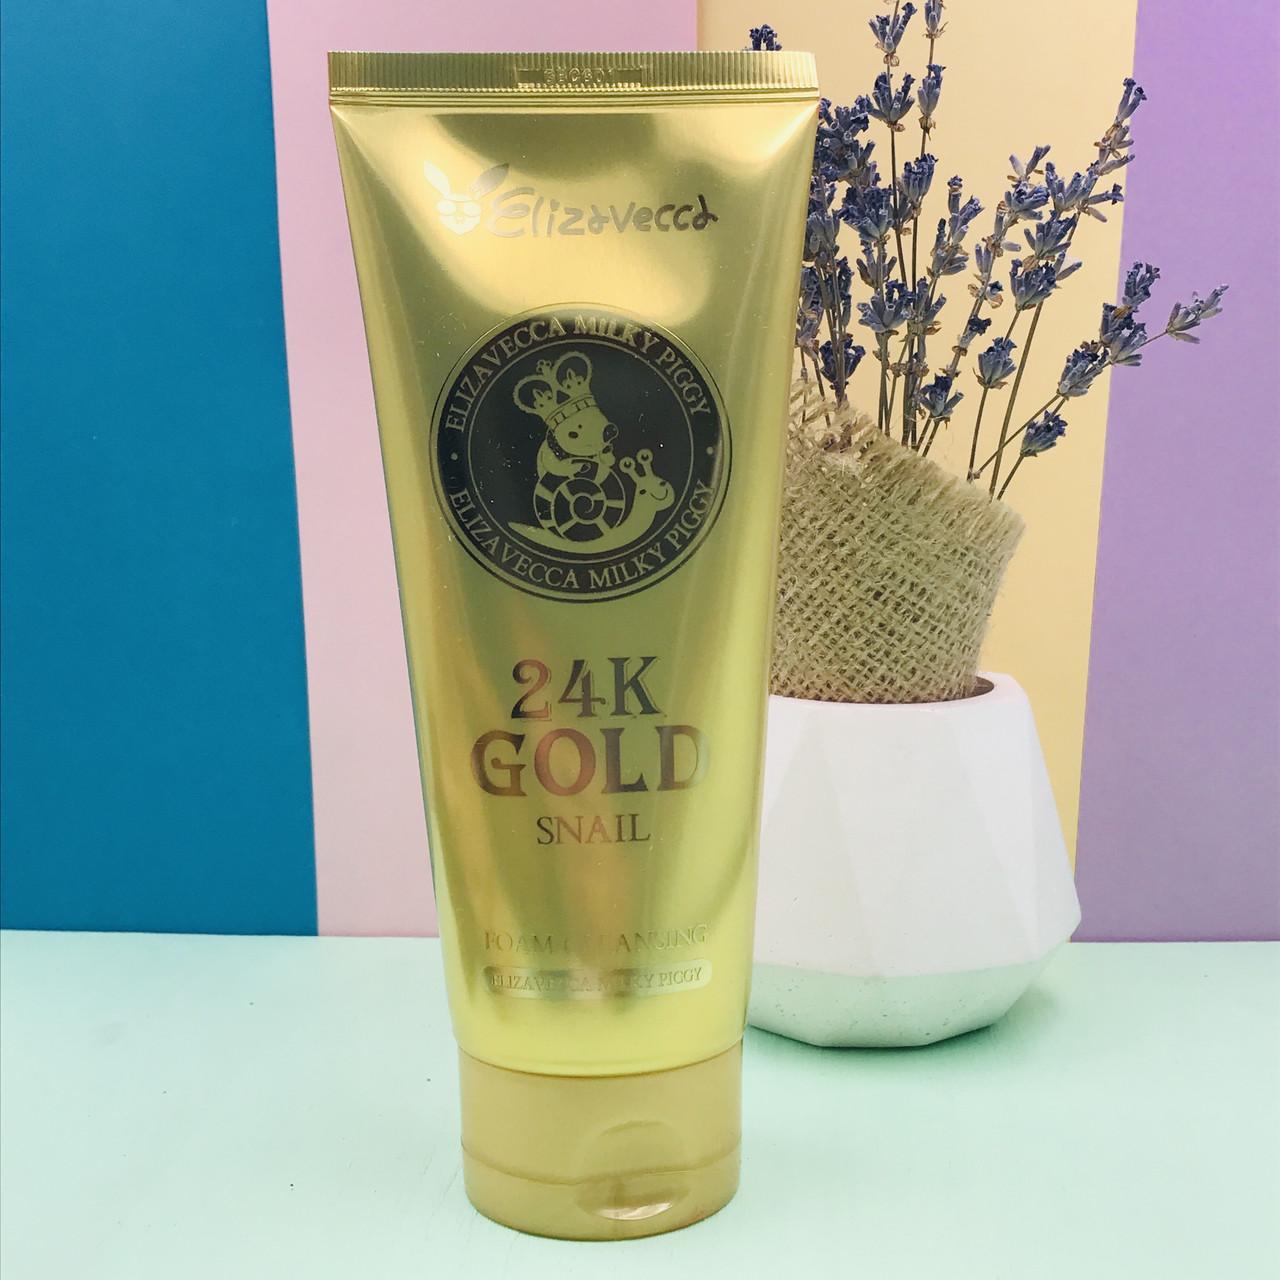 Пенка для умывания Elizavecca с экстрактом слизи улитки и золотом 24k Gold Snail Cleansing Foam